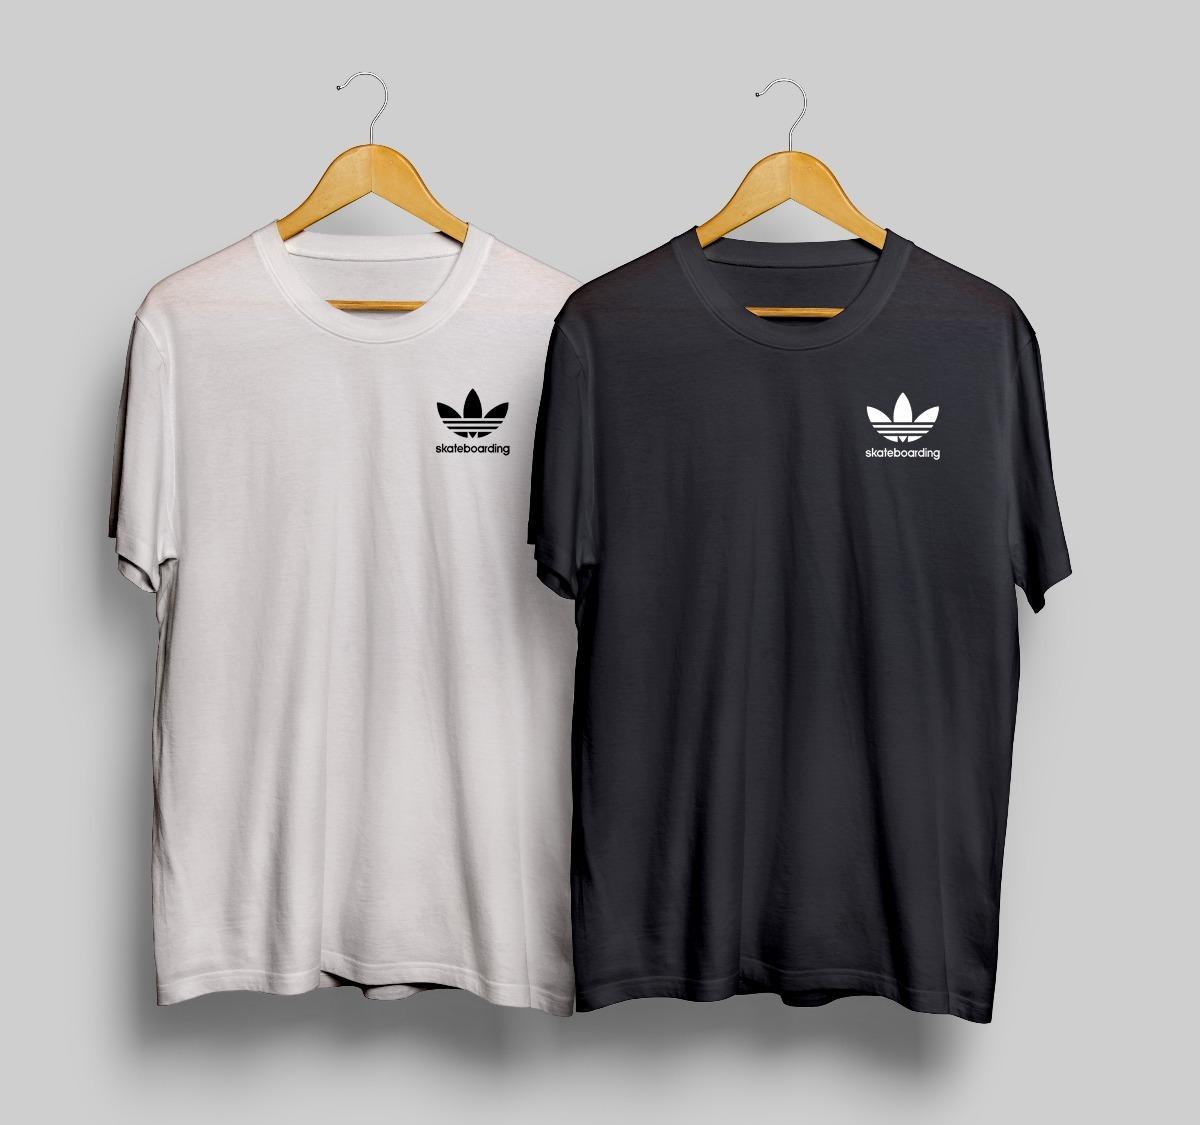 5973e8267234f camiseta adidas skateboarding. Carregando zoom.